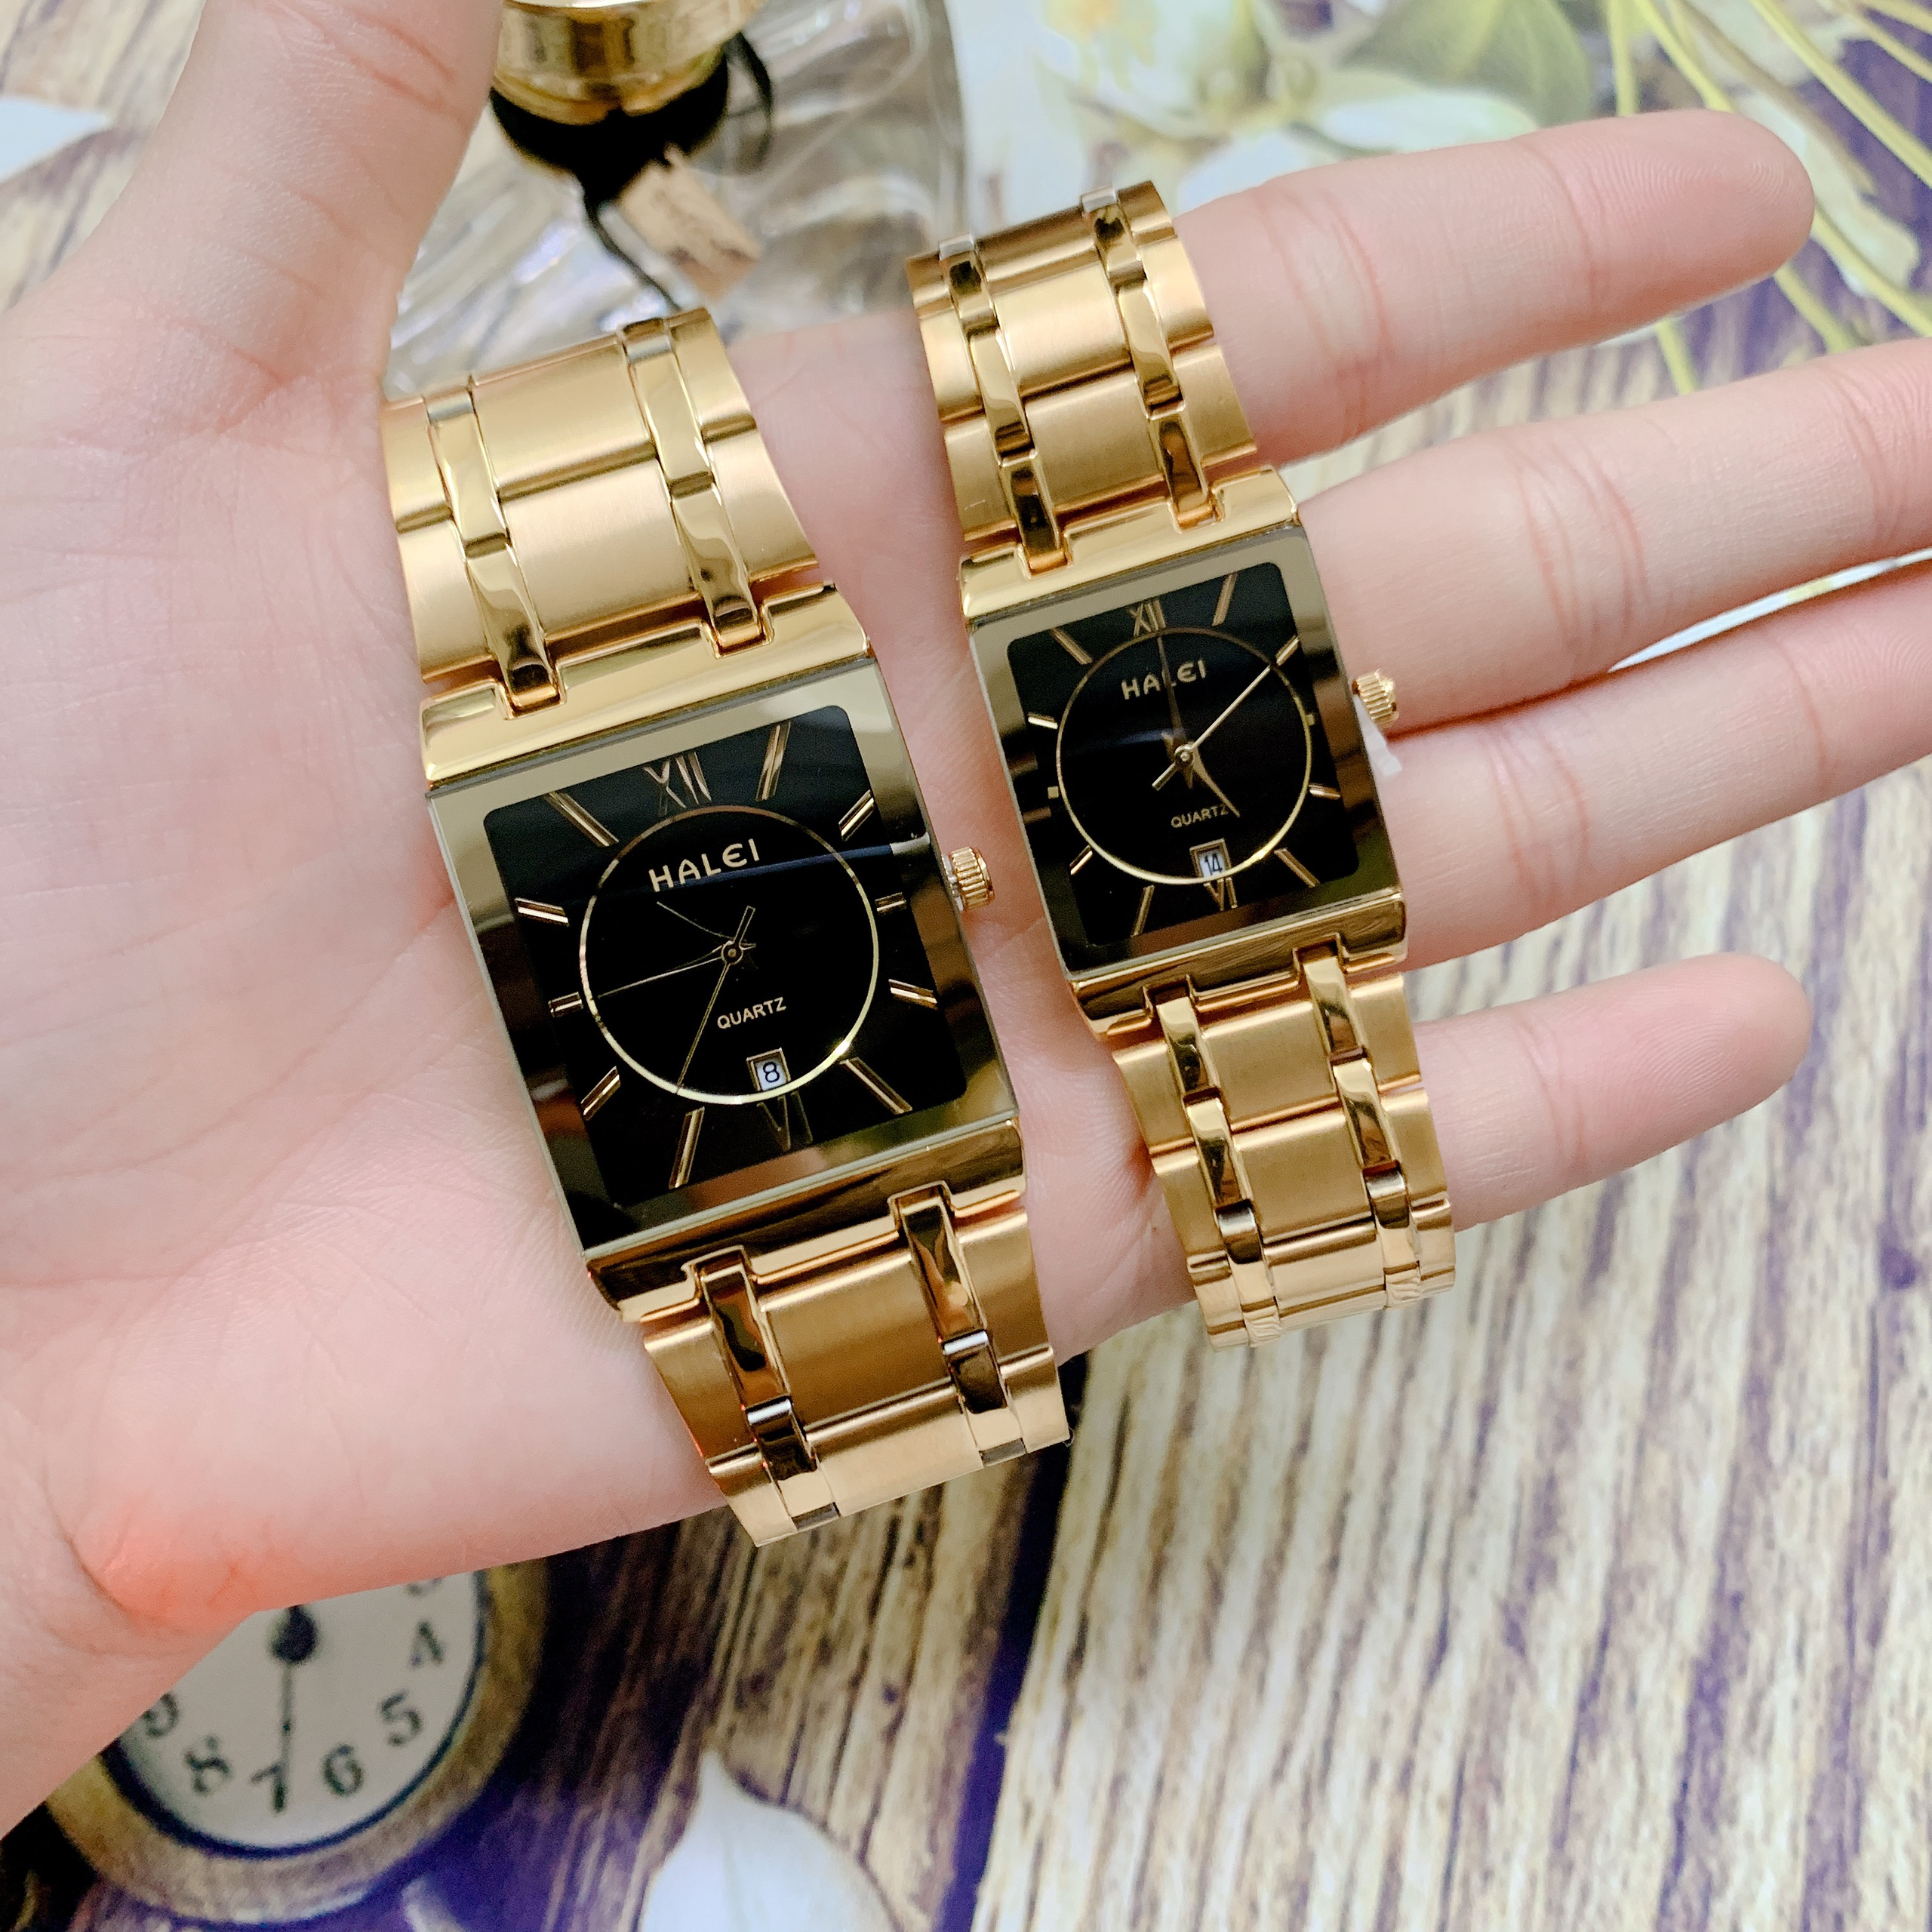 Cặp Đồng Hồ Nam Nữ Halei HL564 Dây vàng mặt vuông (Tặng pin Nhật sẵn trong đồng hồ + Móc Khóa gỗ Đồng hồ 888 y hình)